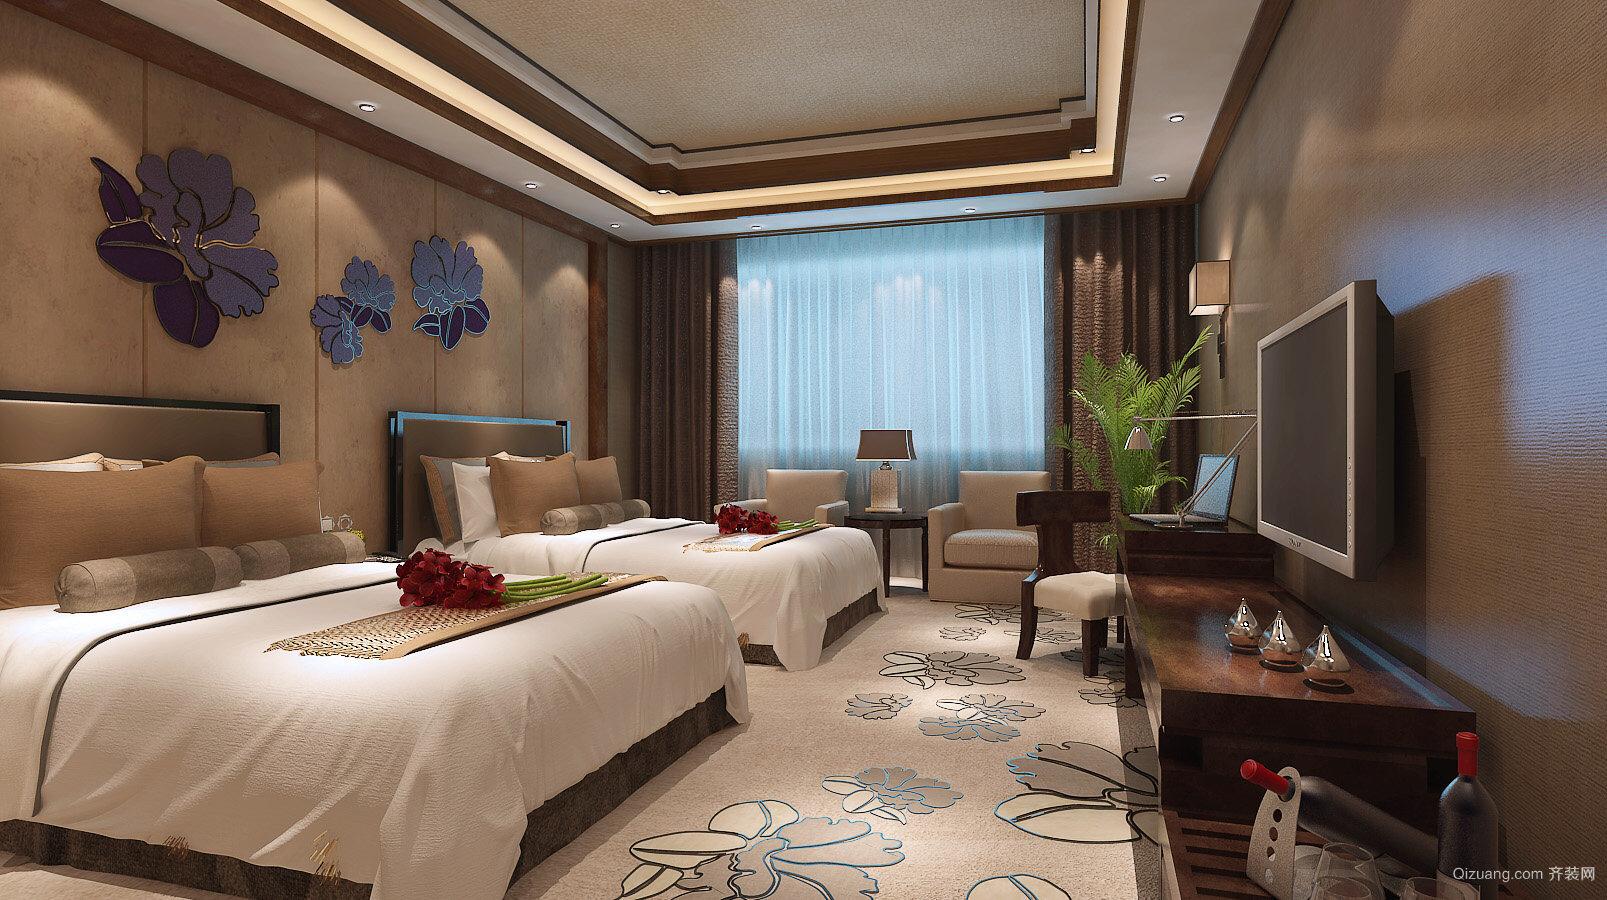 昆明宜良主题酒店其他装修效果图实景图